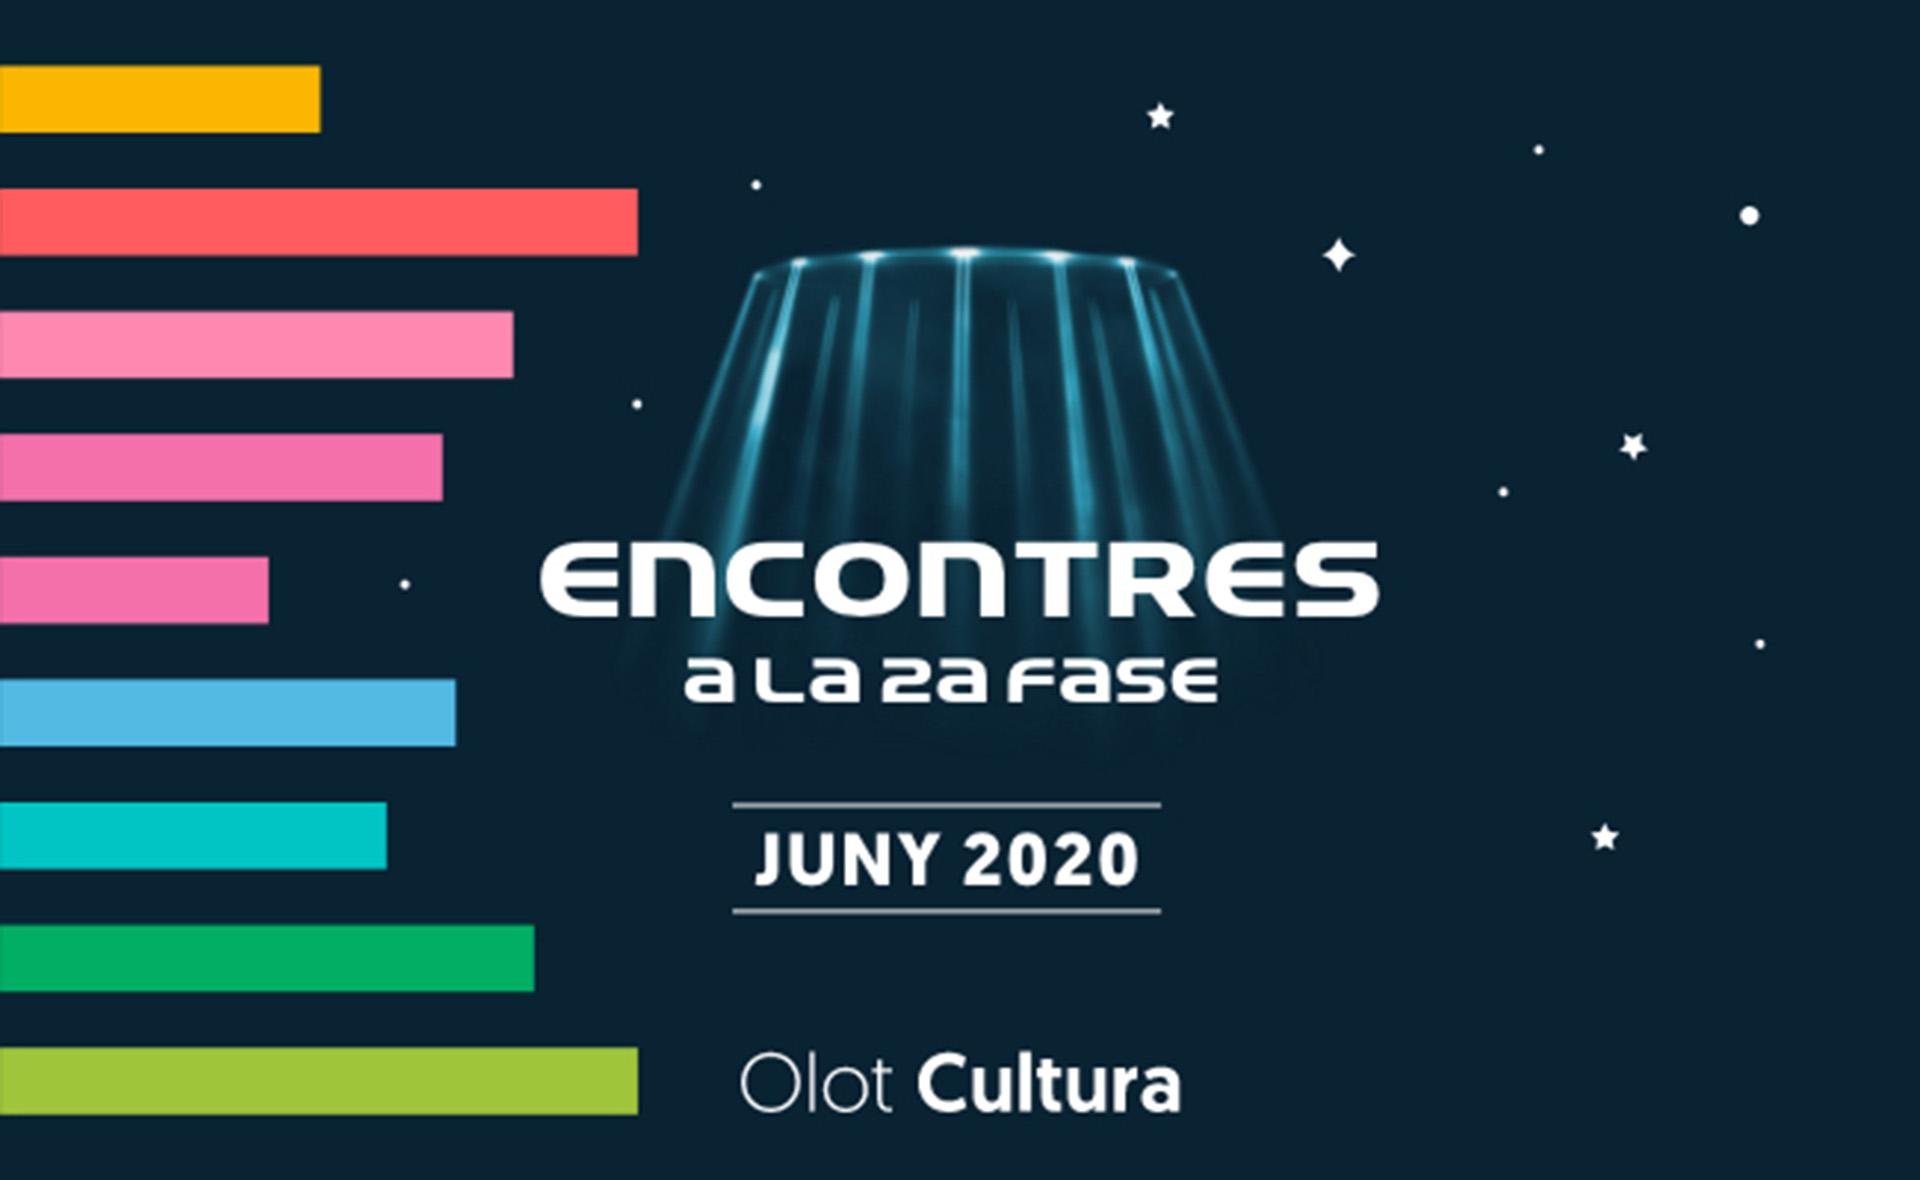 Olot programa un nou cicle d'activitats culturals adaptades al desconfinament: Encontres a la 2a fase